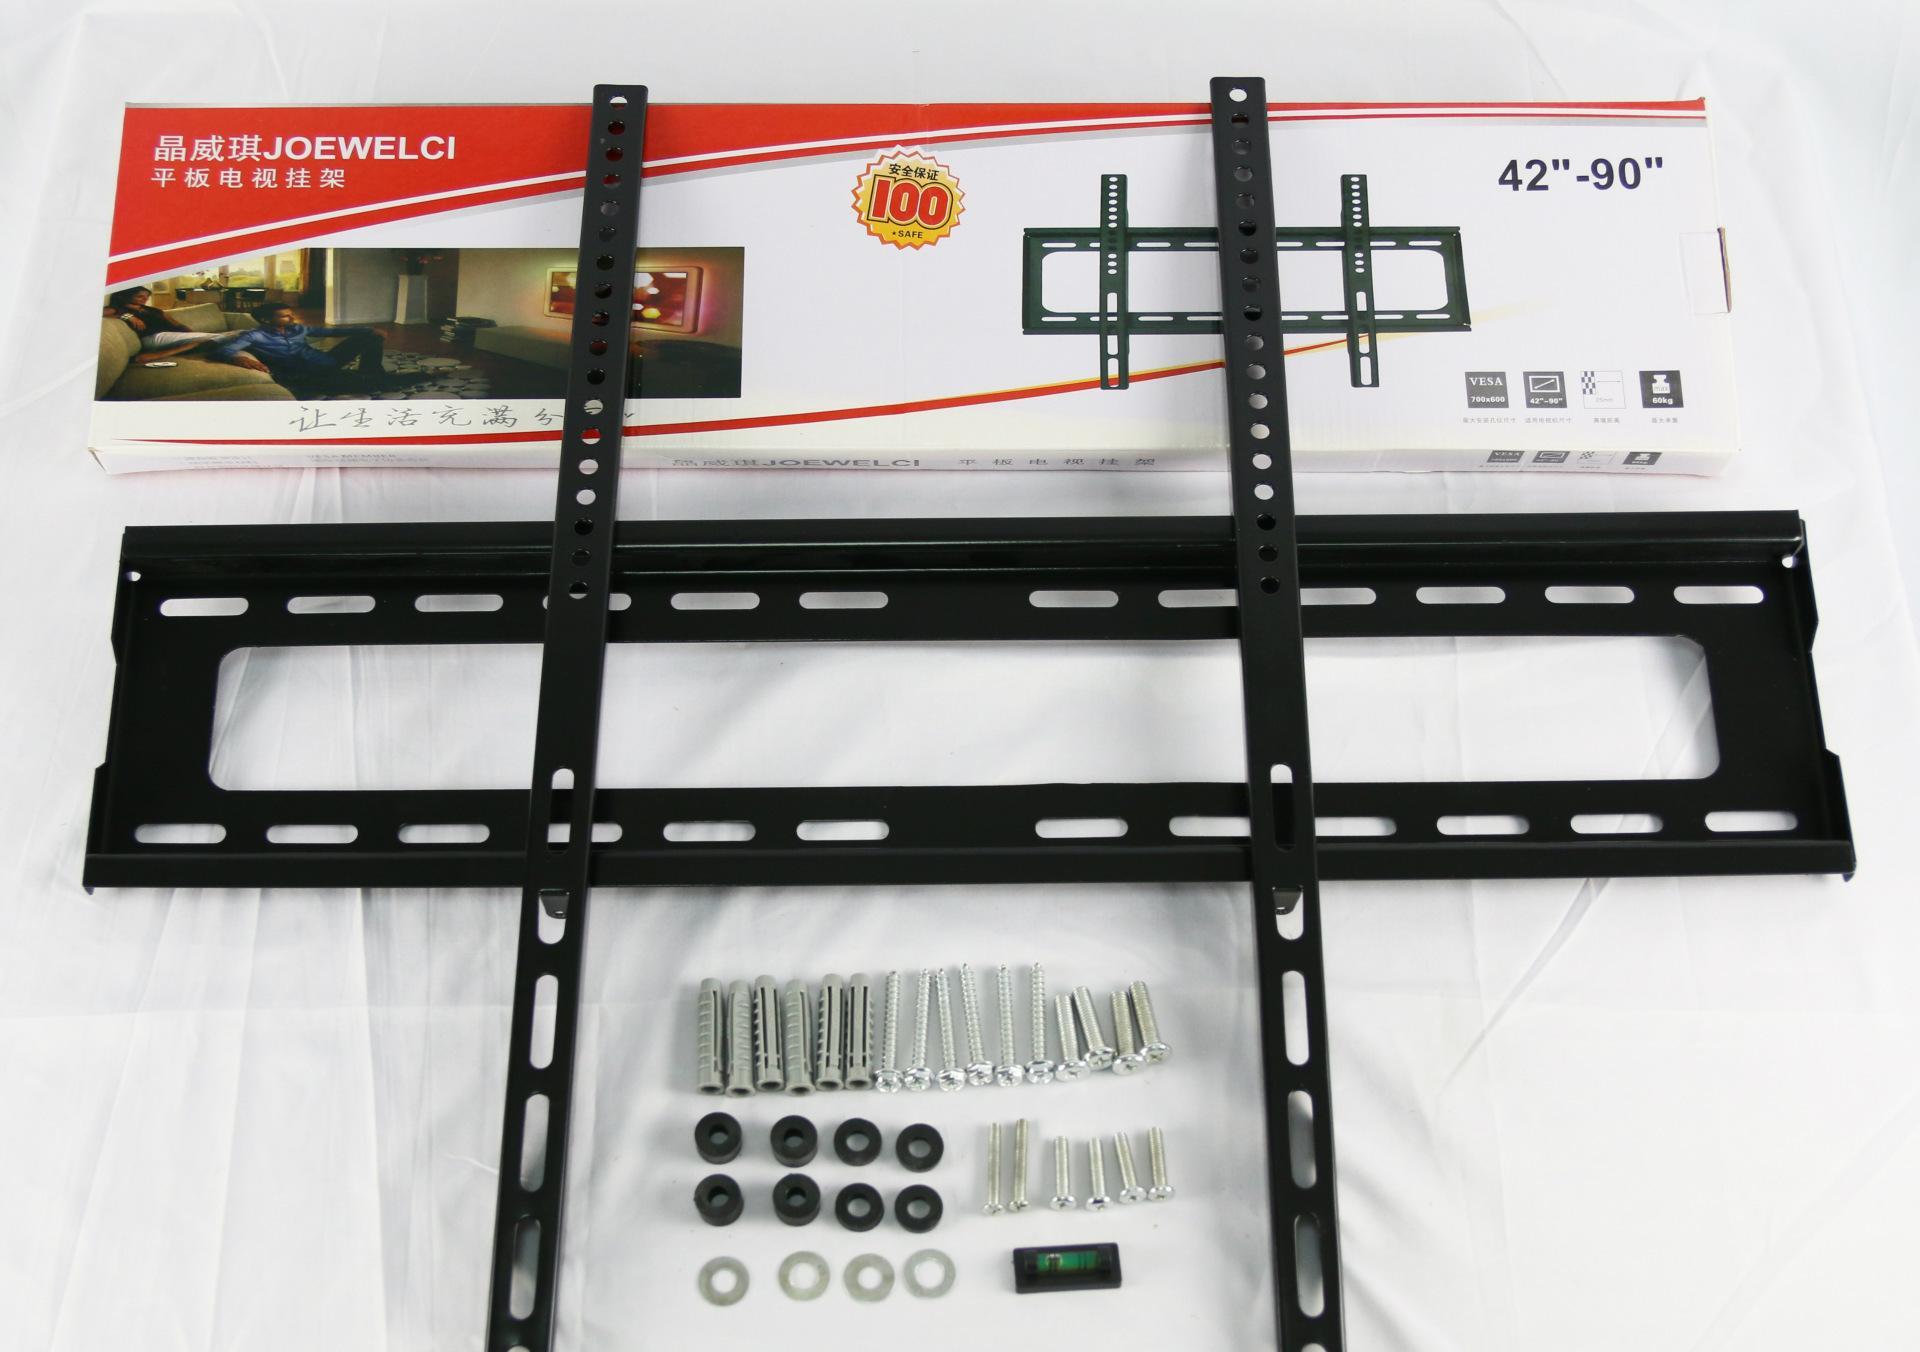 """親,某些偏遠地區運費偏高,所以請親們拍下之后聯系客服修改價格,謝謝合作!  -、描述 適合尺寸: 32""""-70"""" 掛架尺寸:660*230*30mm 二、特征 簡易型壁掛架,加寬加厚,冷軋鋼板。 三、包裝 包裝類型: 高檔包裝 、安裝螺絲包。 包裝:10套/箱 四、使用范圍: 這款支架是通用型液晶電視、等離子電視支架。"""